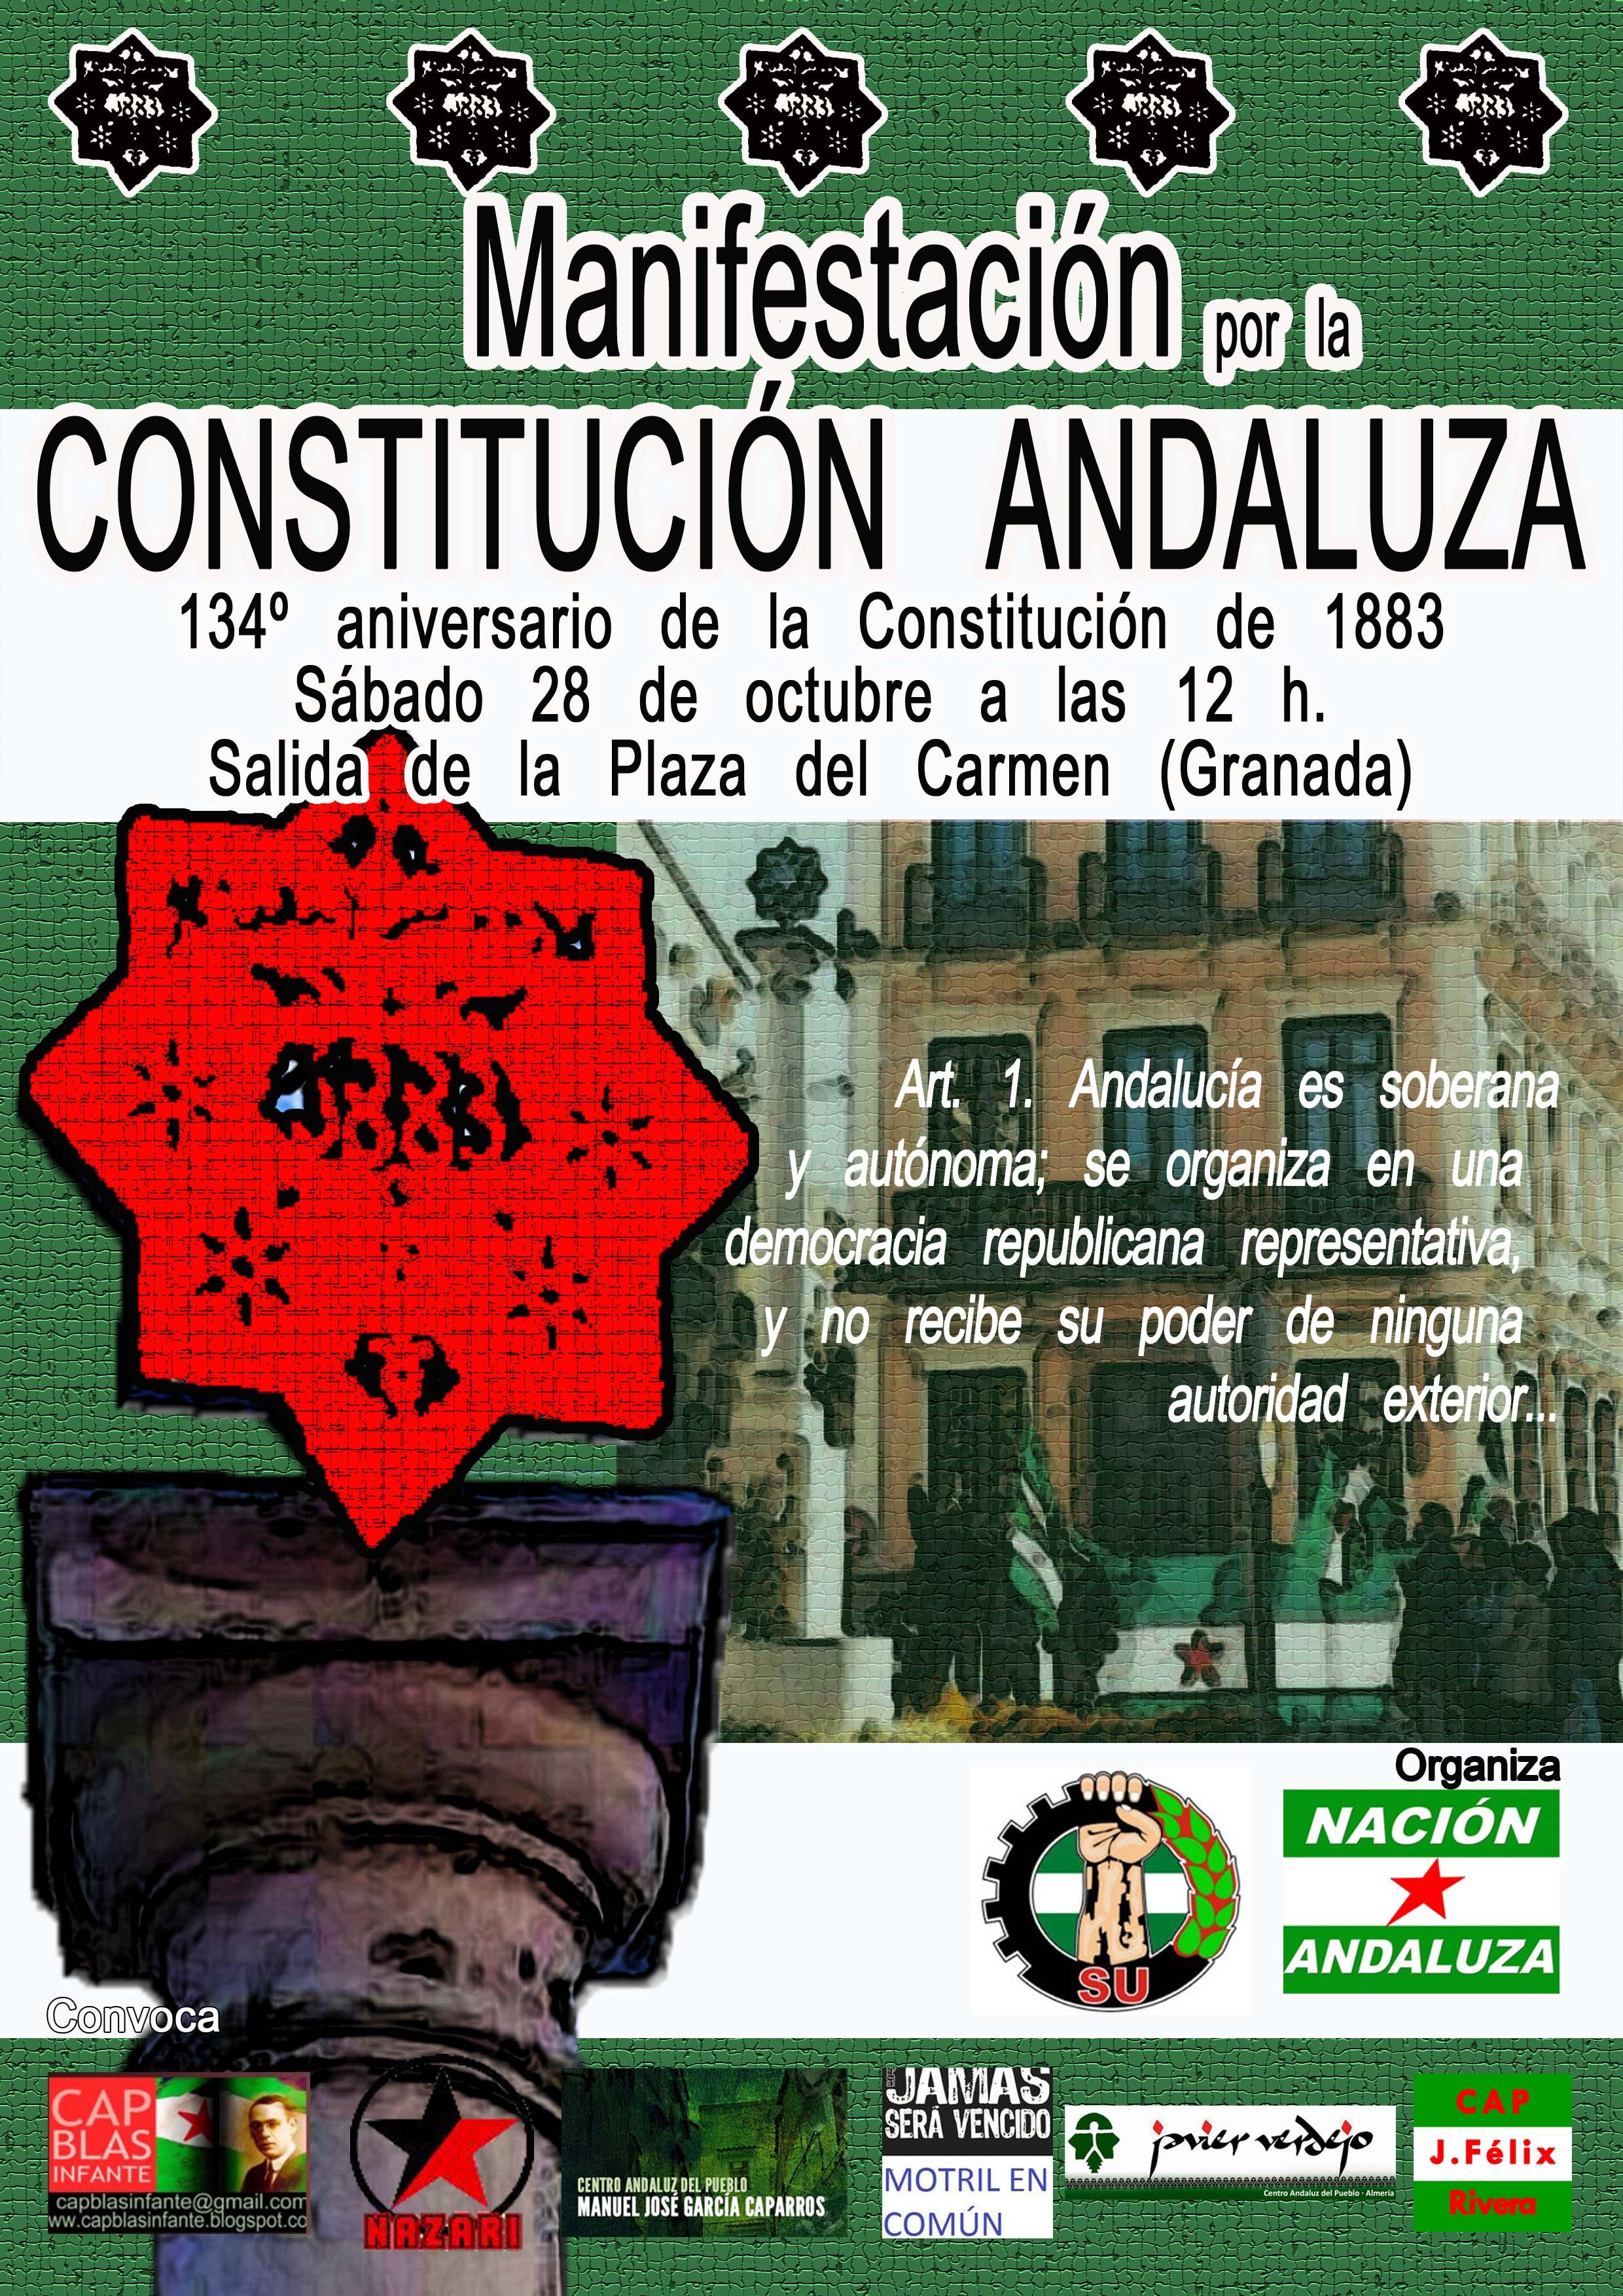 Manifestación por la Constitución Andaluza 2017